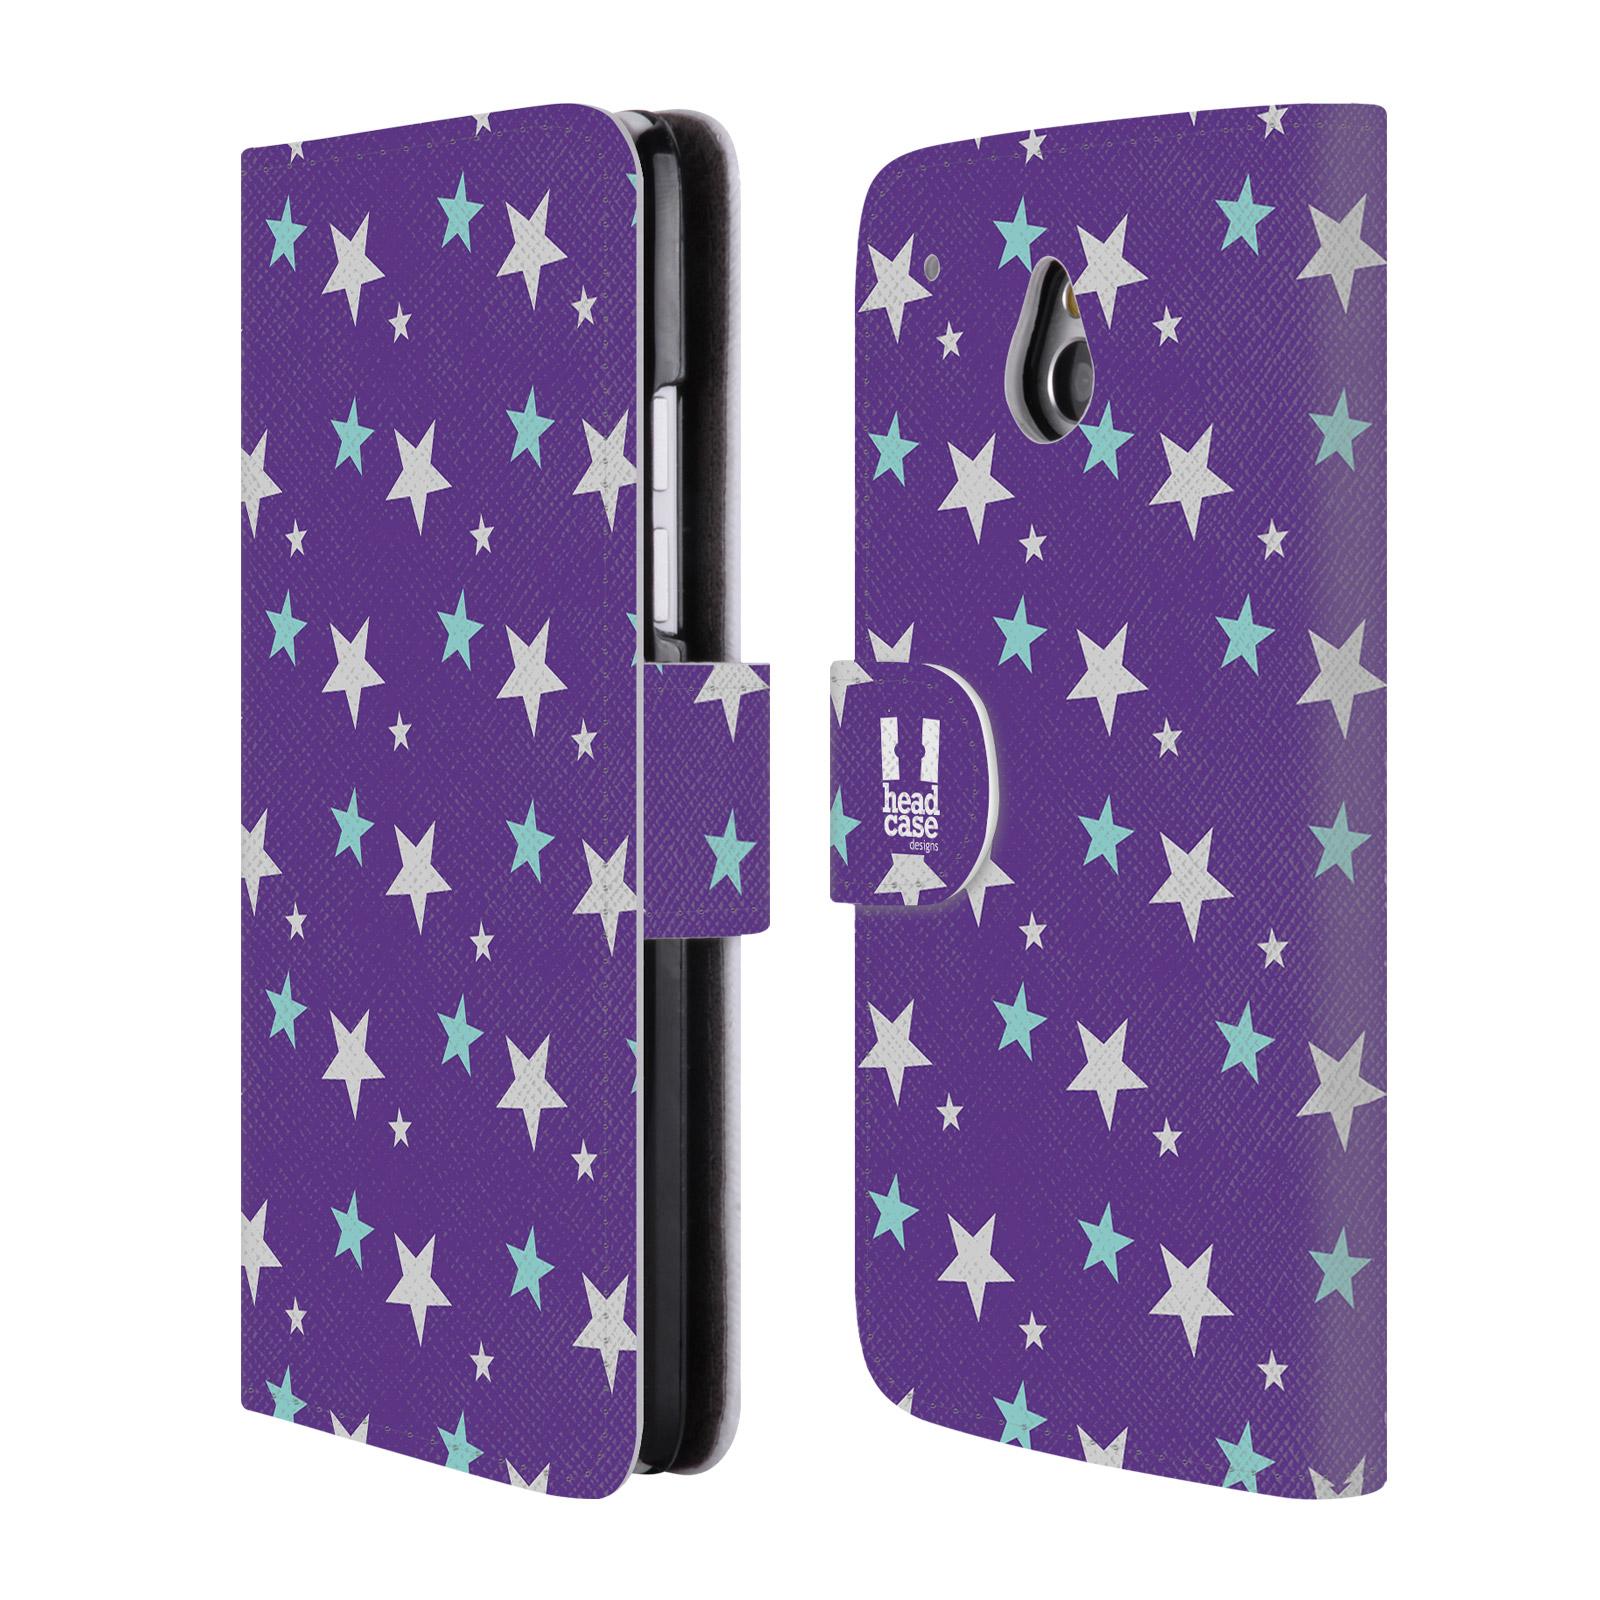 HEAD CASE Flipové pouzdro pro mobil HTC ONE MINI (M4) vzor hvězdičky fialová